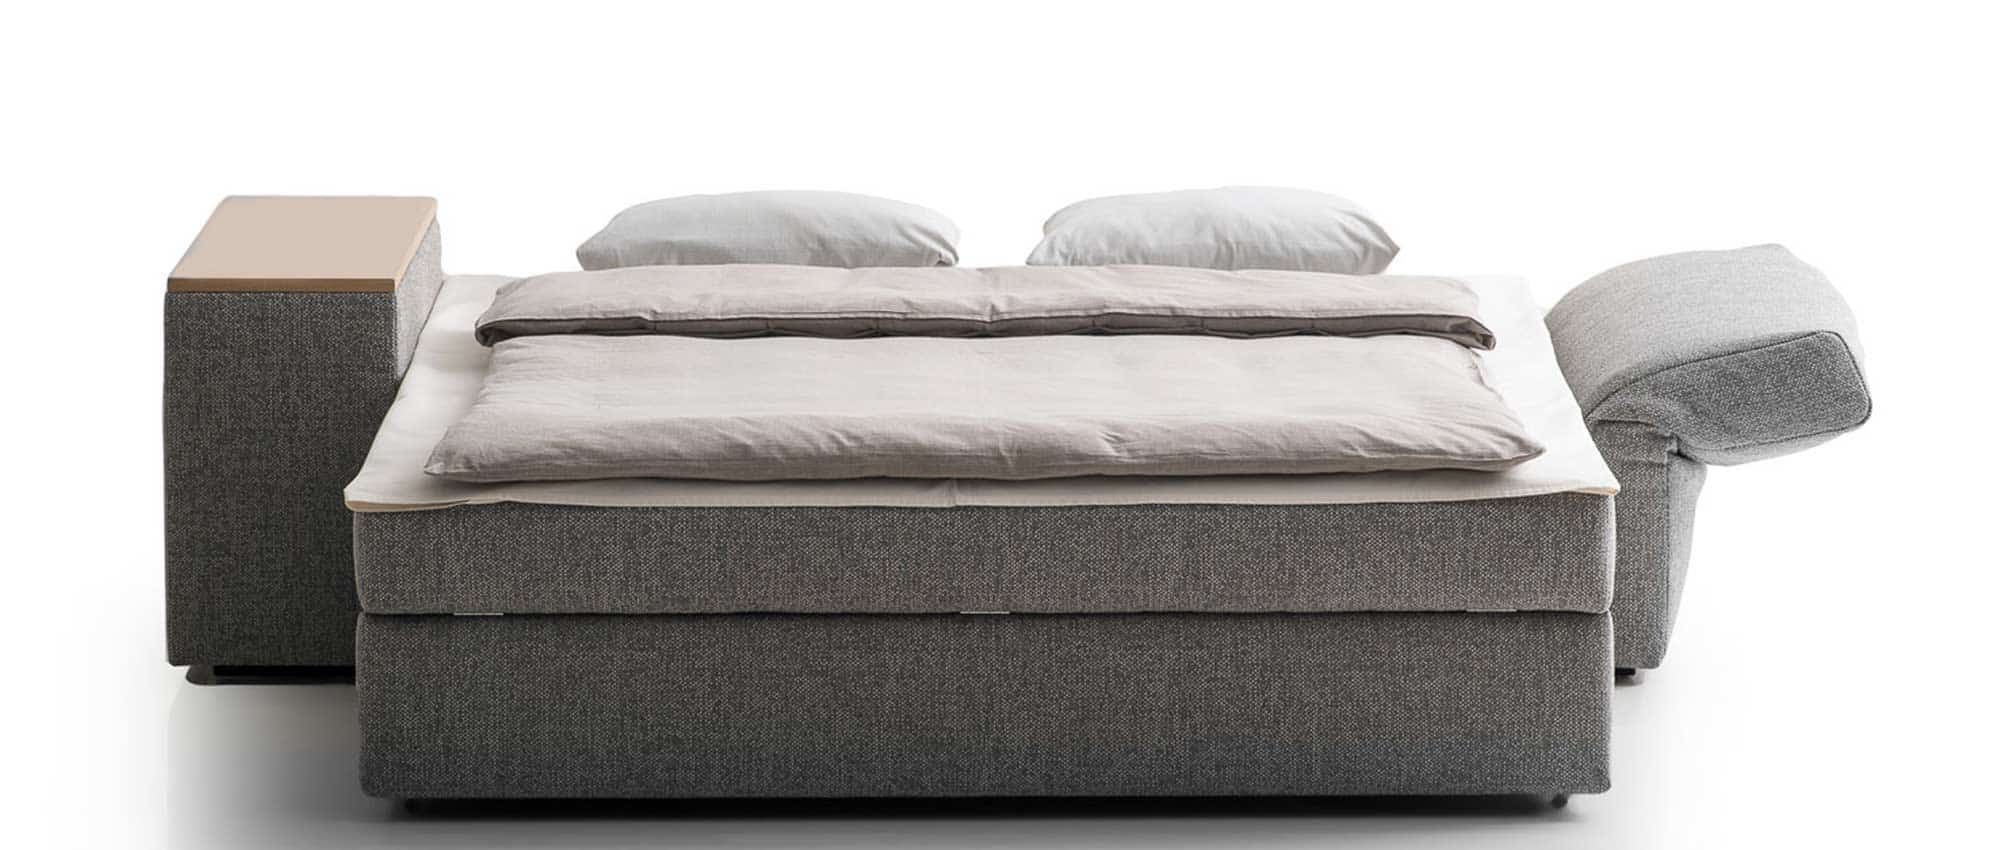 GIACOMO Schlafsofa mit Bettkasten von Franz Fertig - Liegefläche ist in ca. 140x200 cm und ca 150x200 cm wählbar. Ideales Gästebett für 2 Personen.